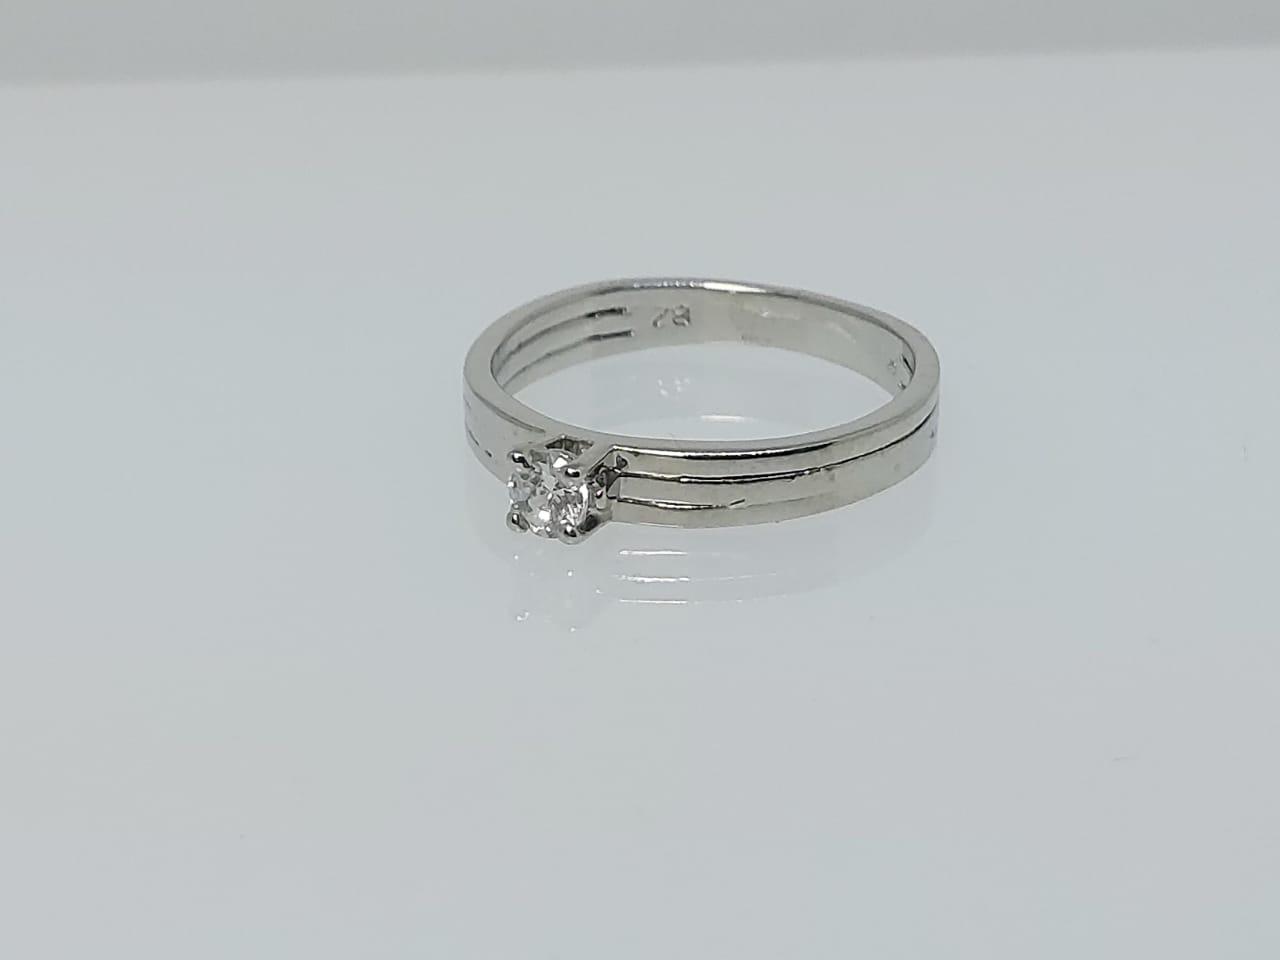 Anel Solitário Zircônia Diamante GC 0451811020035 Folheado a Rhodium